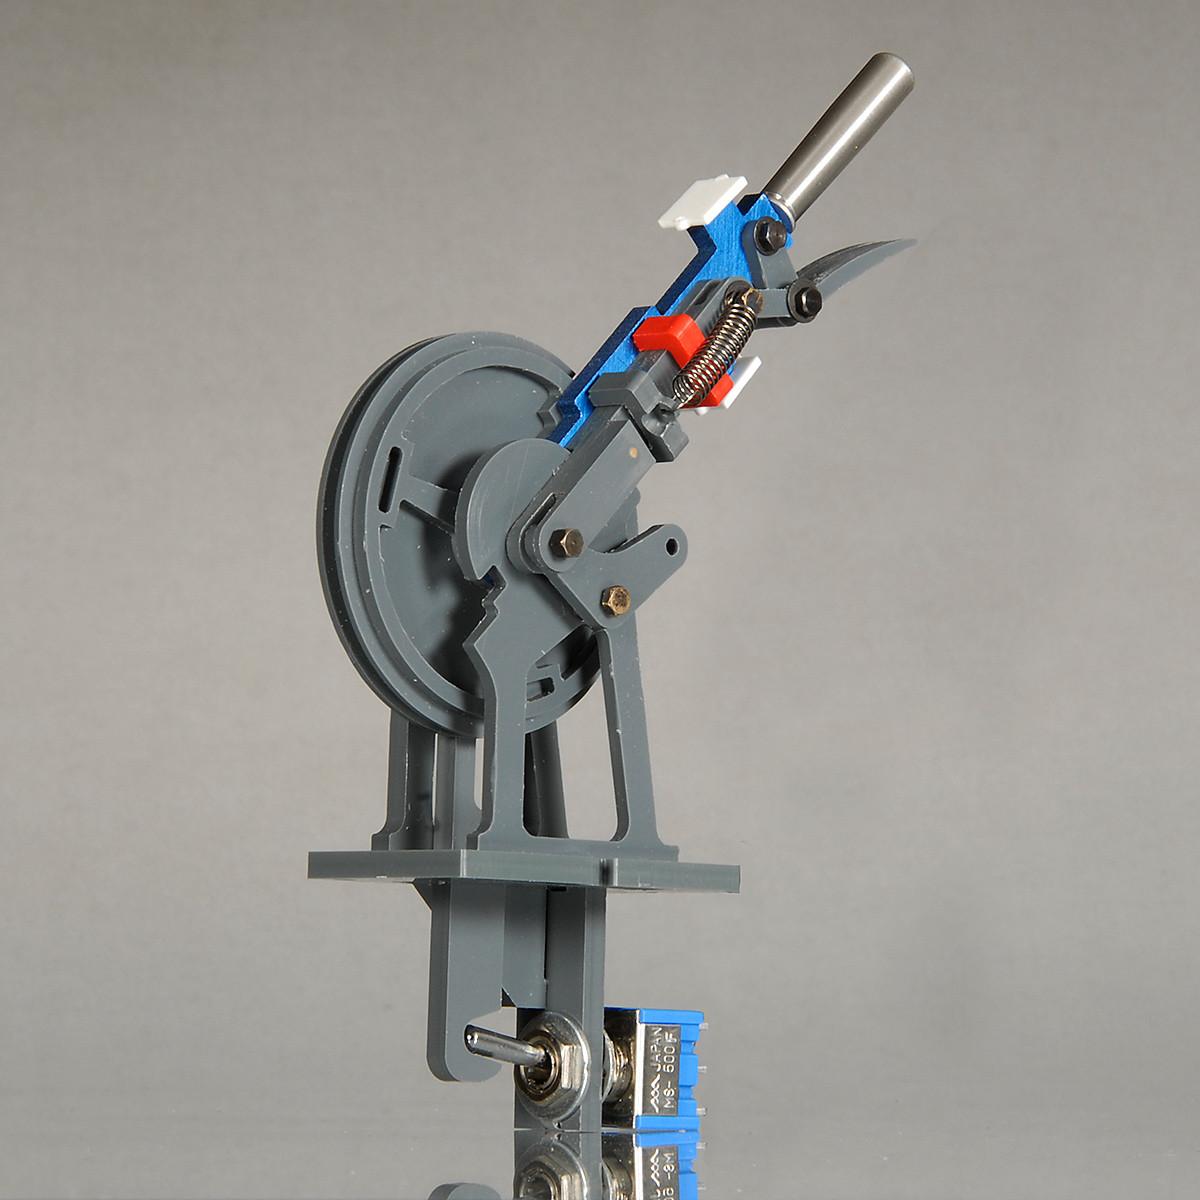 Sperrsignalhebel (blau/rot) für mechanisches Stellwerk - NT-Version